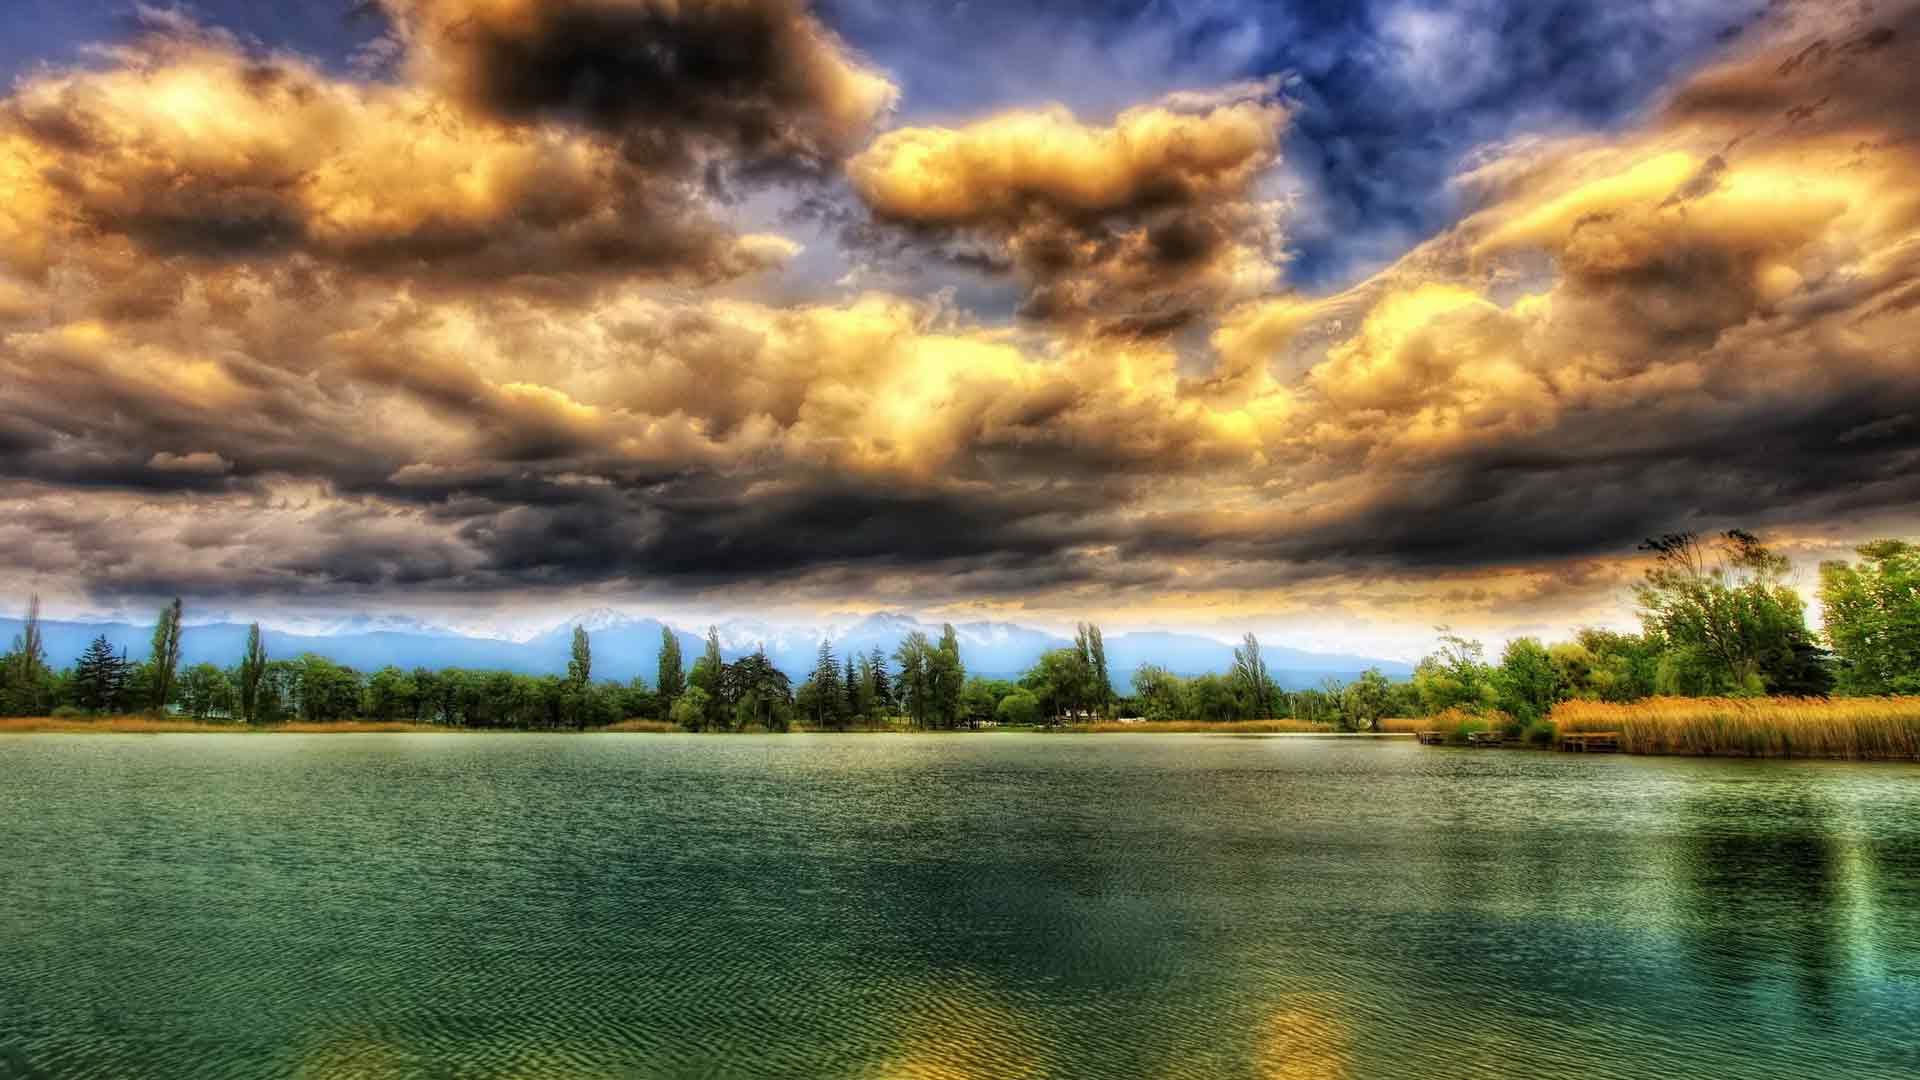 Лесное озеро обои для рабочего стола 5